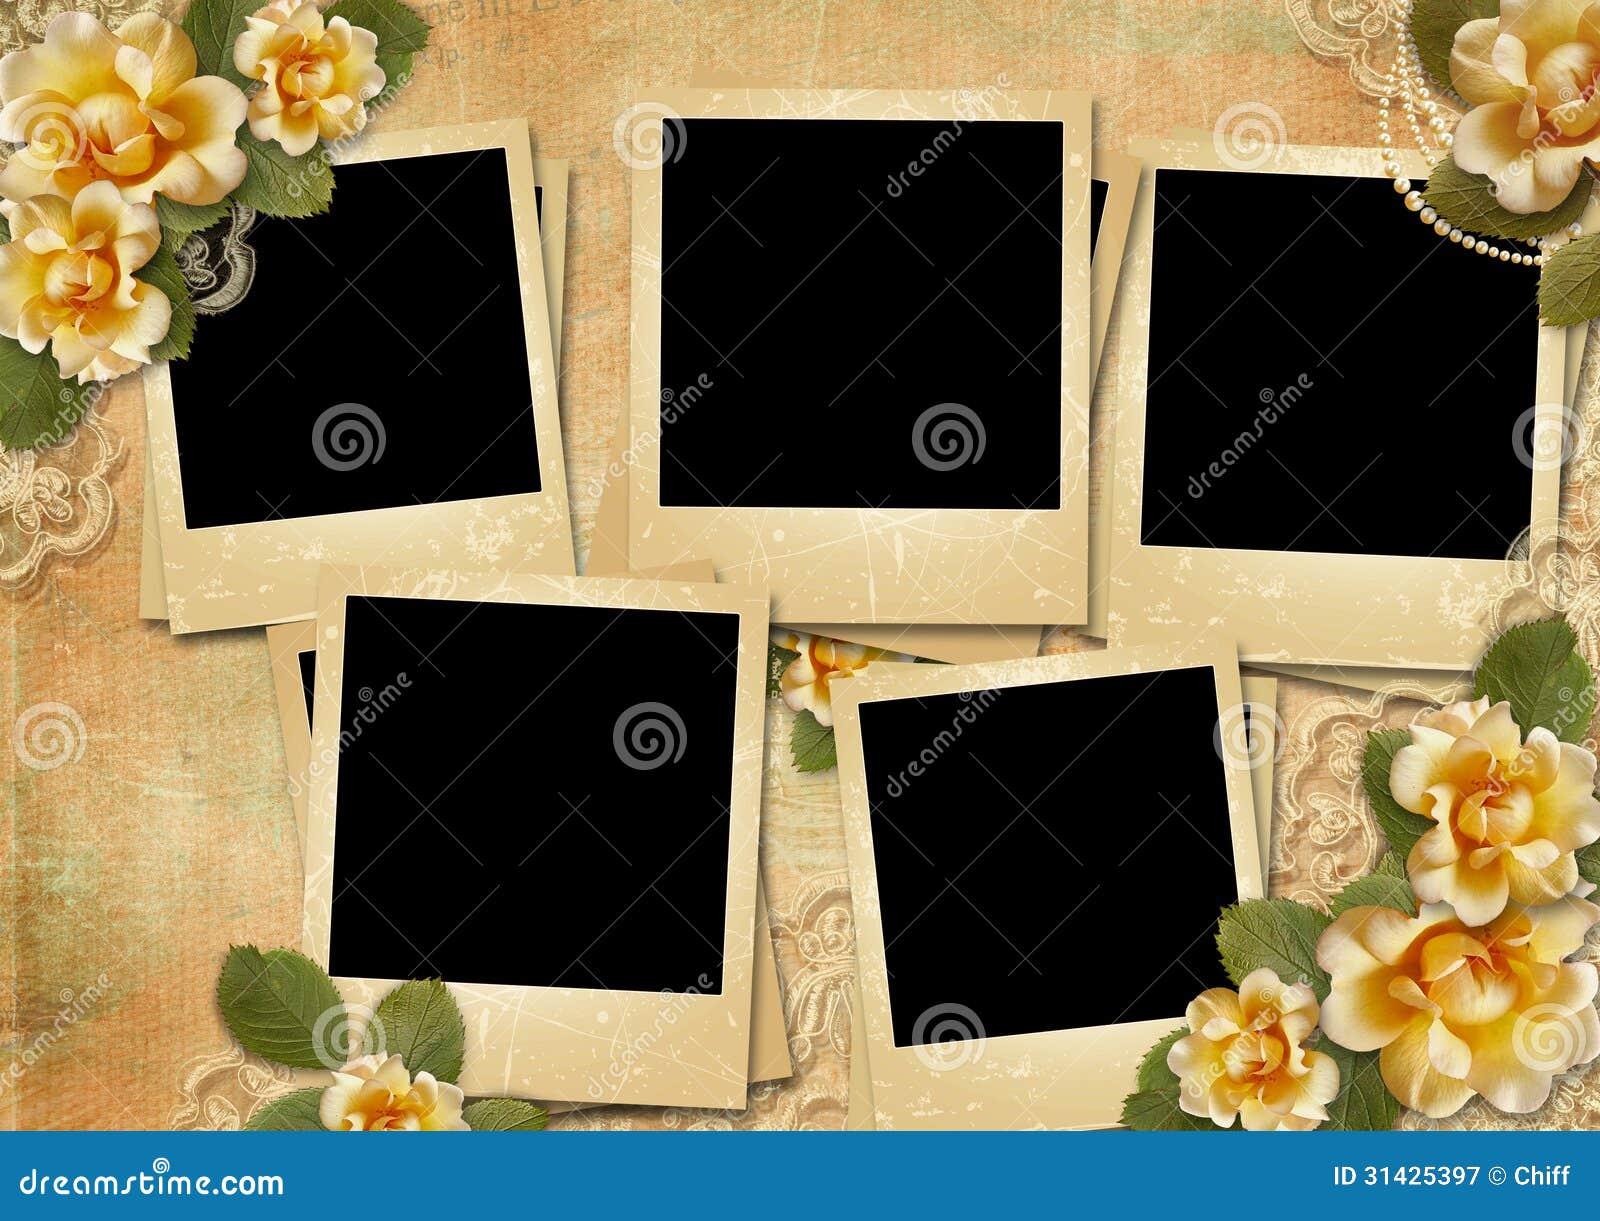 Fondo magn fico del vintage con polaroid marcos y rosas - Marcos vintage para fotos ...